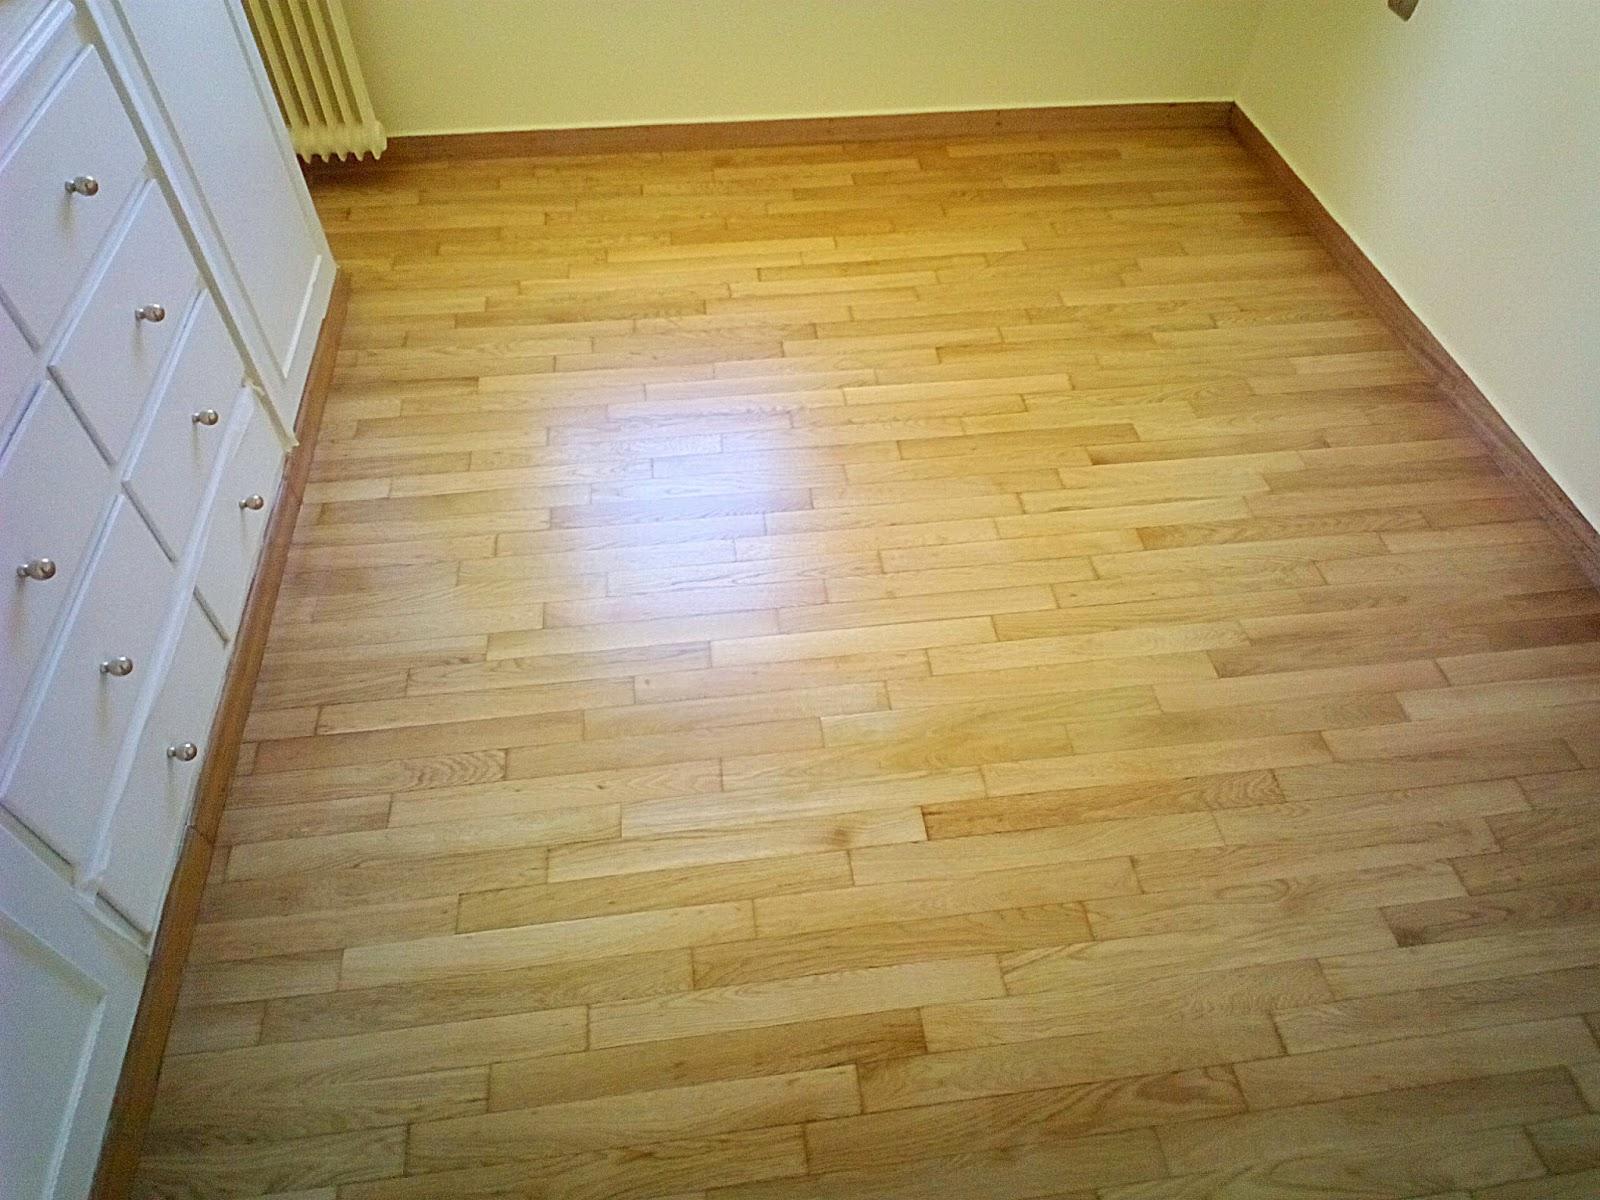 Συντήρηση ξύλινου δαπέδου σε υπνοδωμάτια με σατινέ βερνίκι